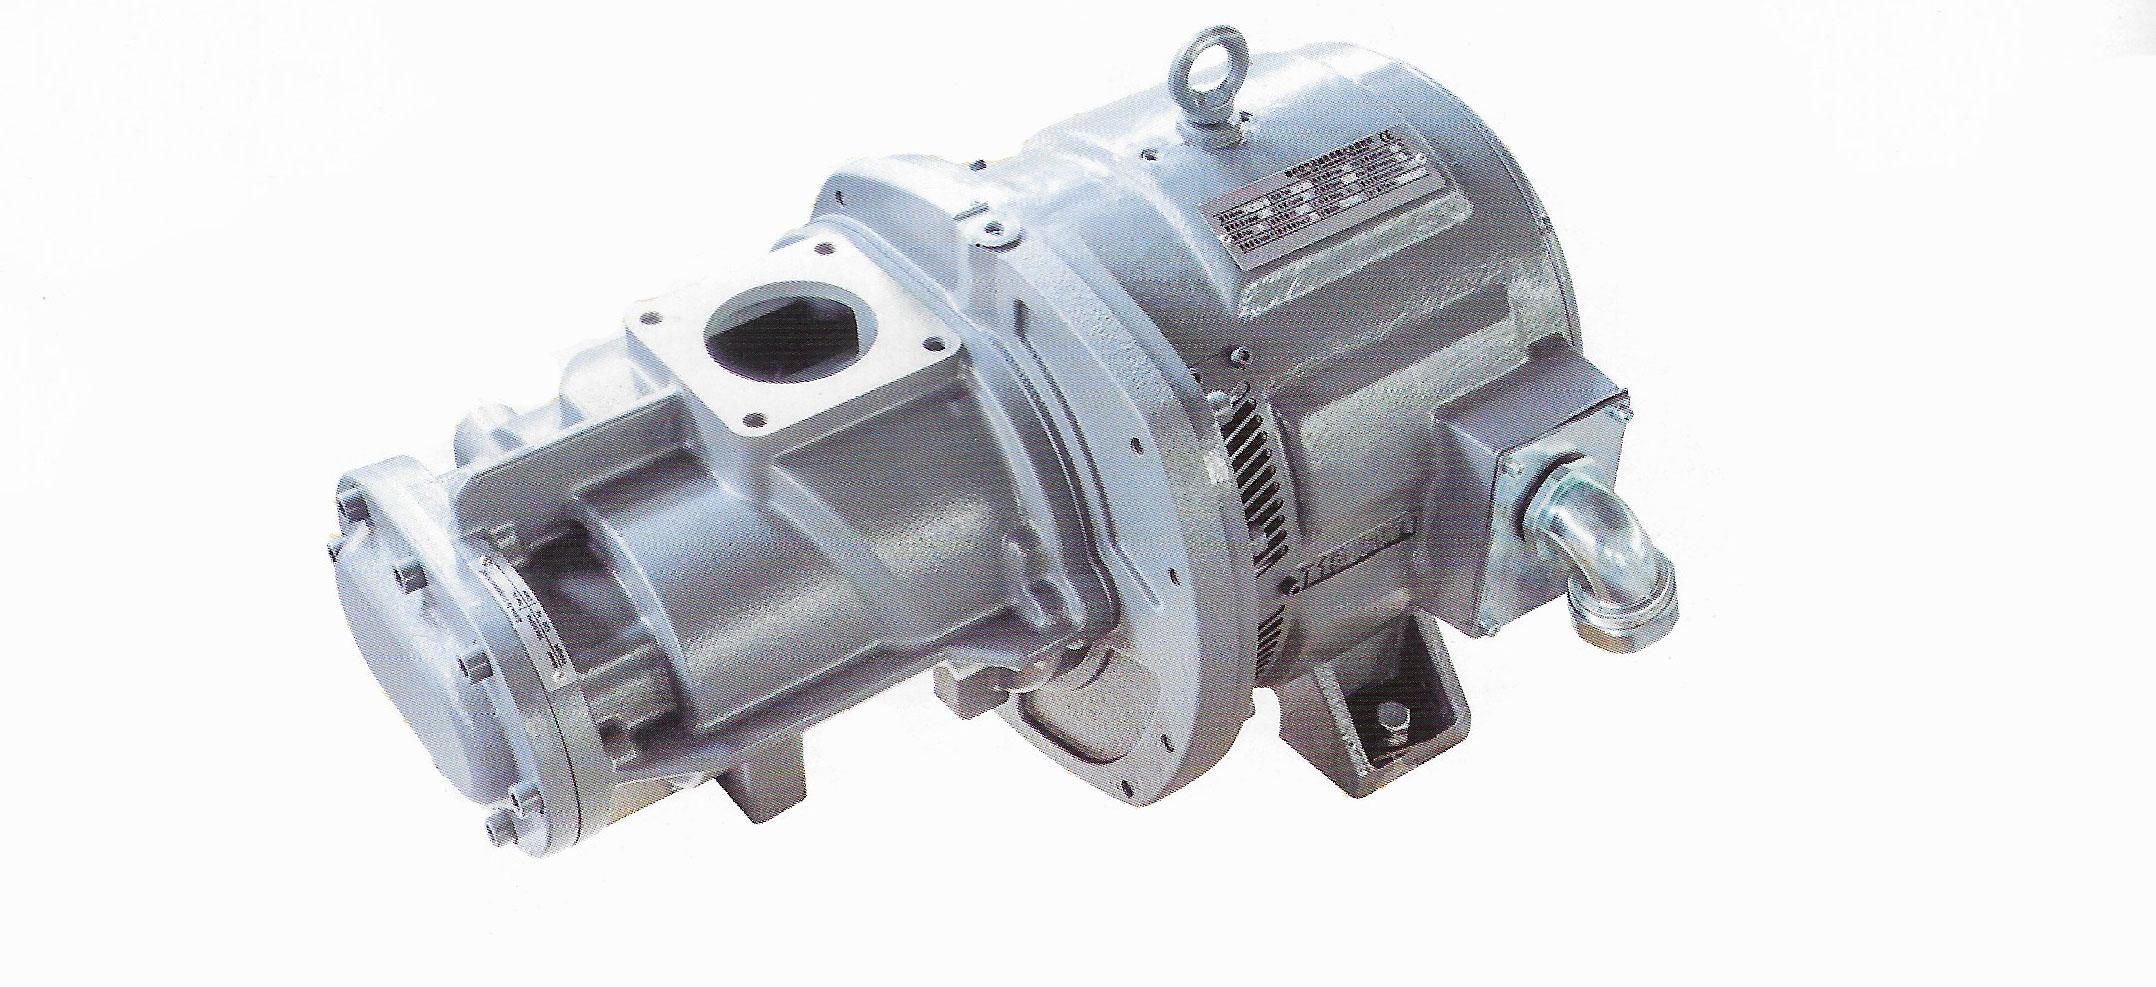 空气压缩机的工作压力一般设定是多少?